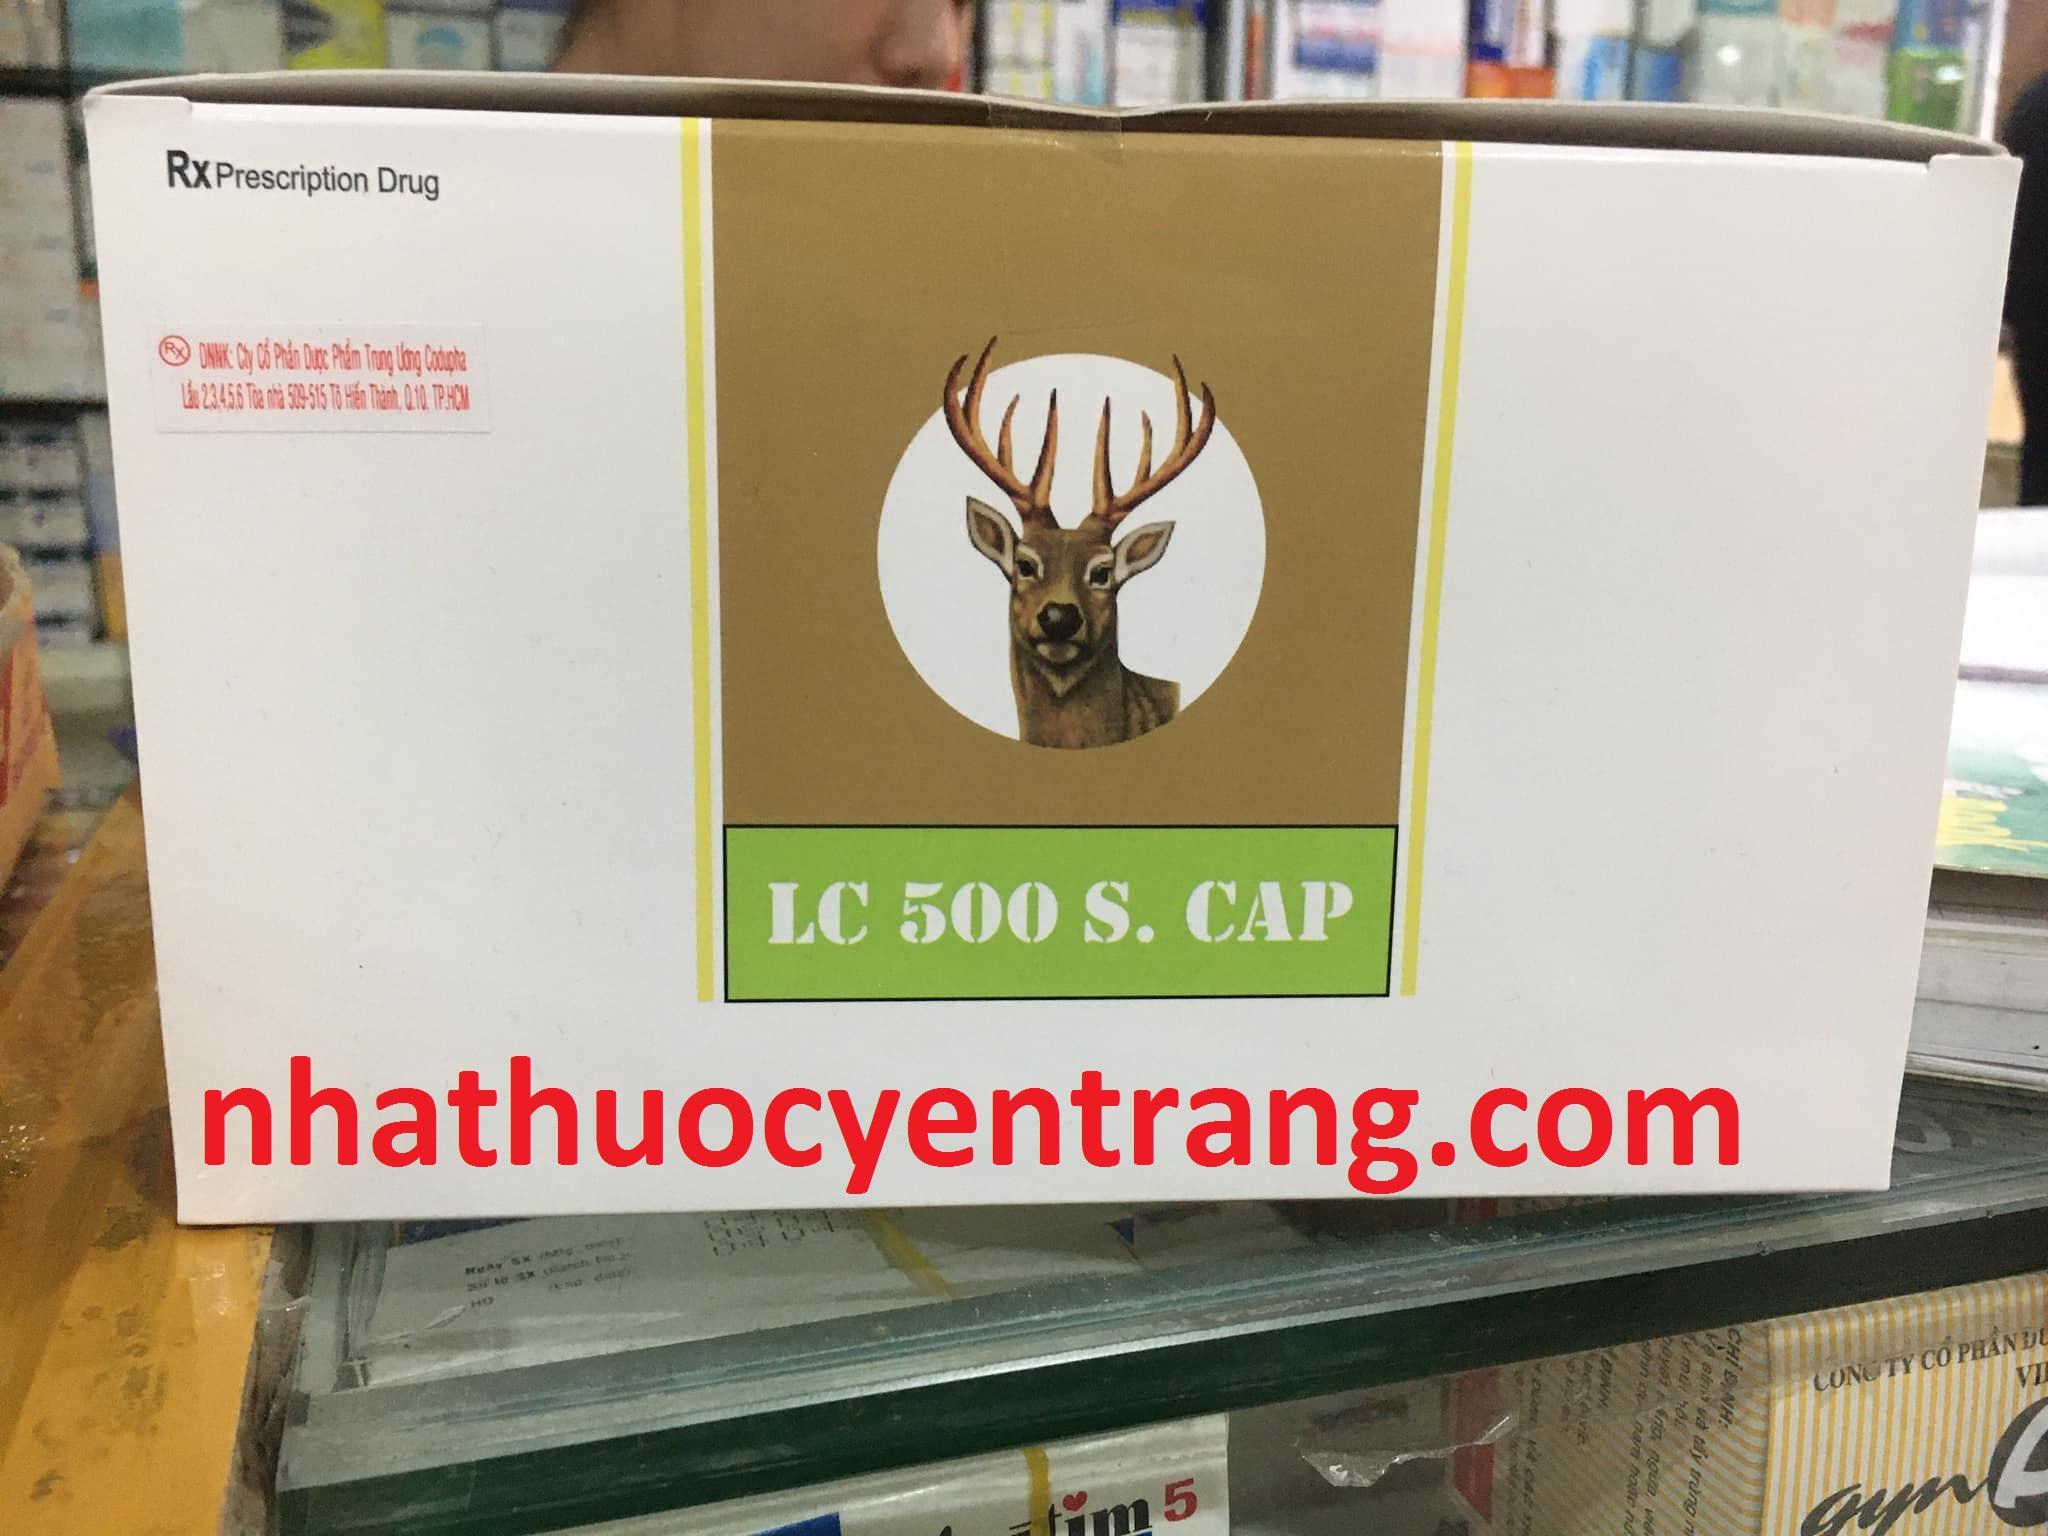 LC 500 S. CAP